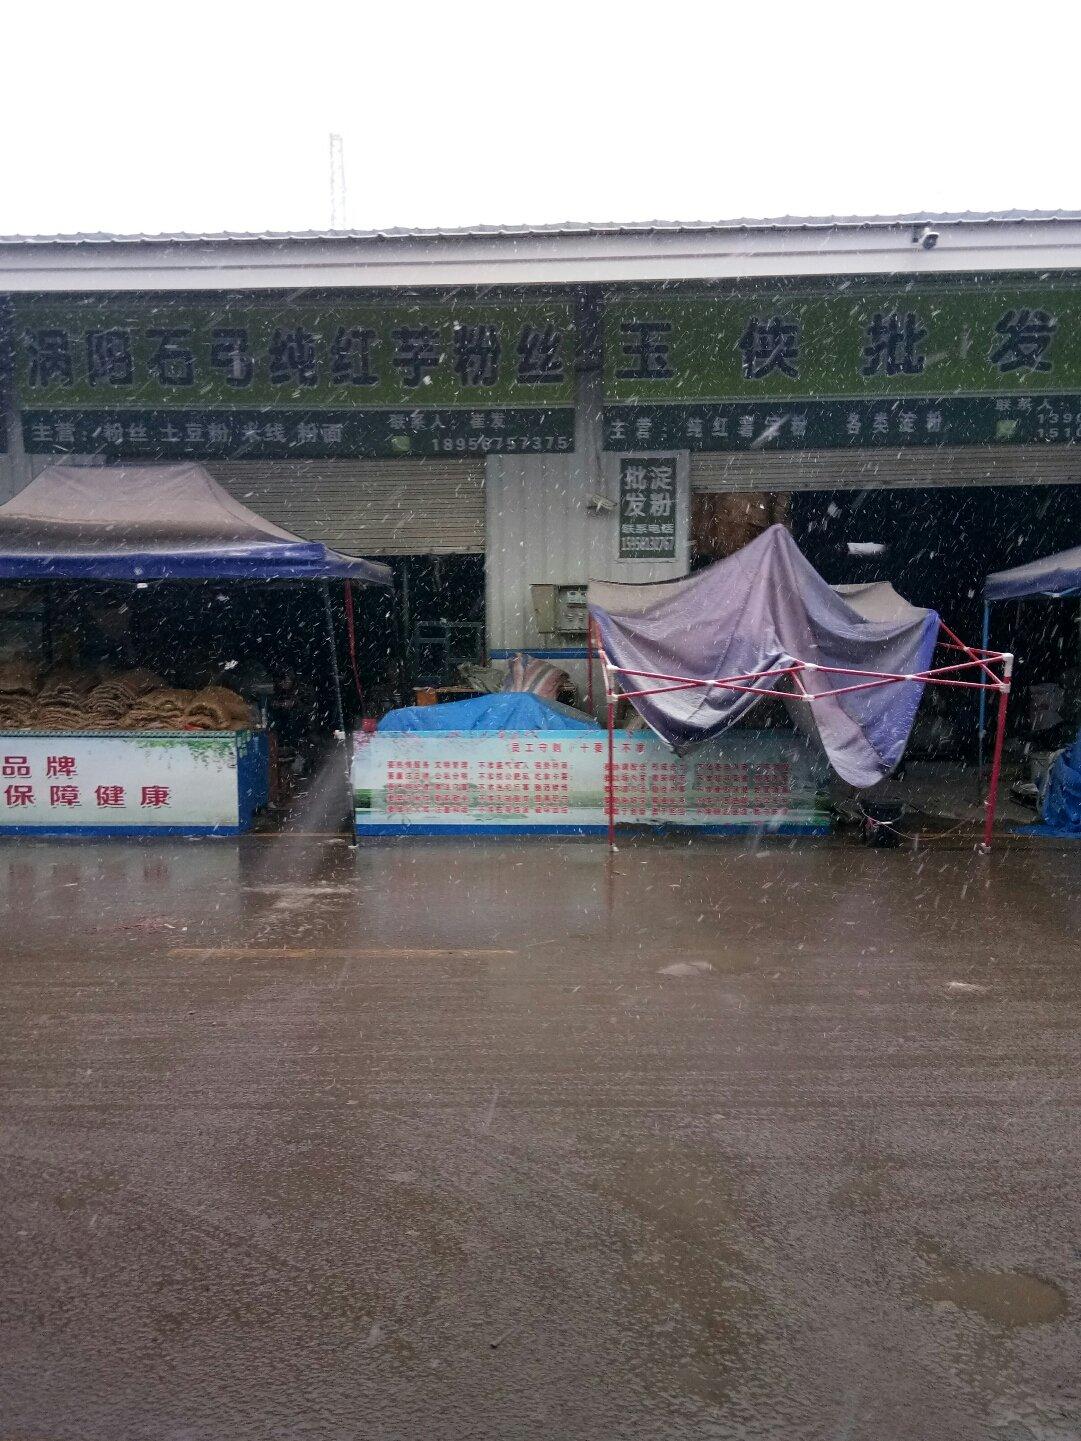 安徽省淮北市濉溪县南环城路靠近中瑞农副产品物流园天气预报